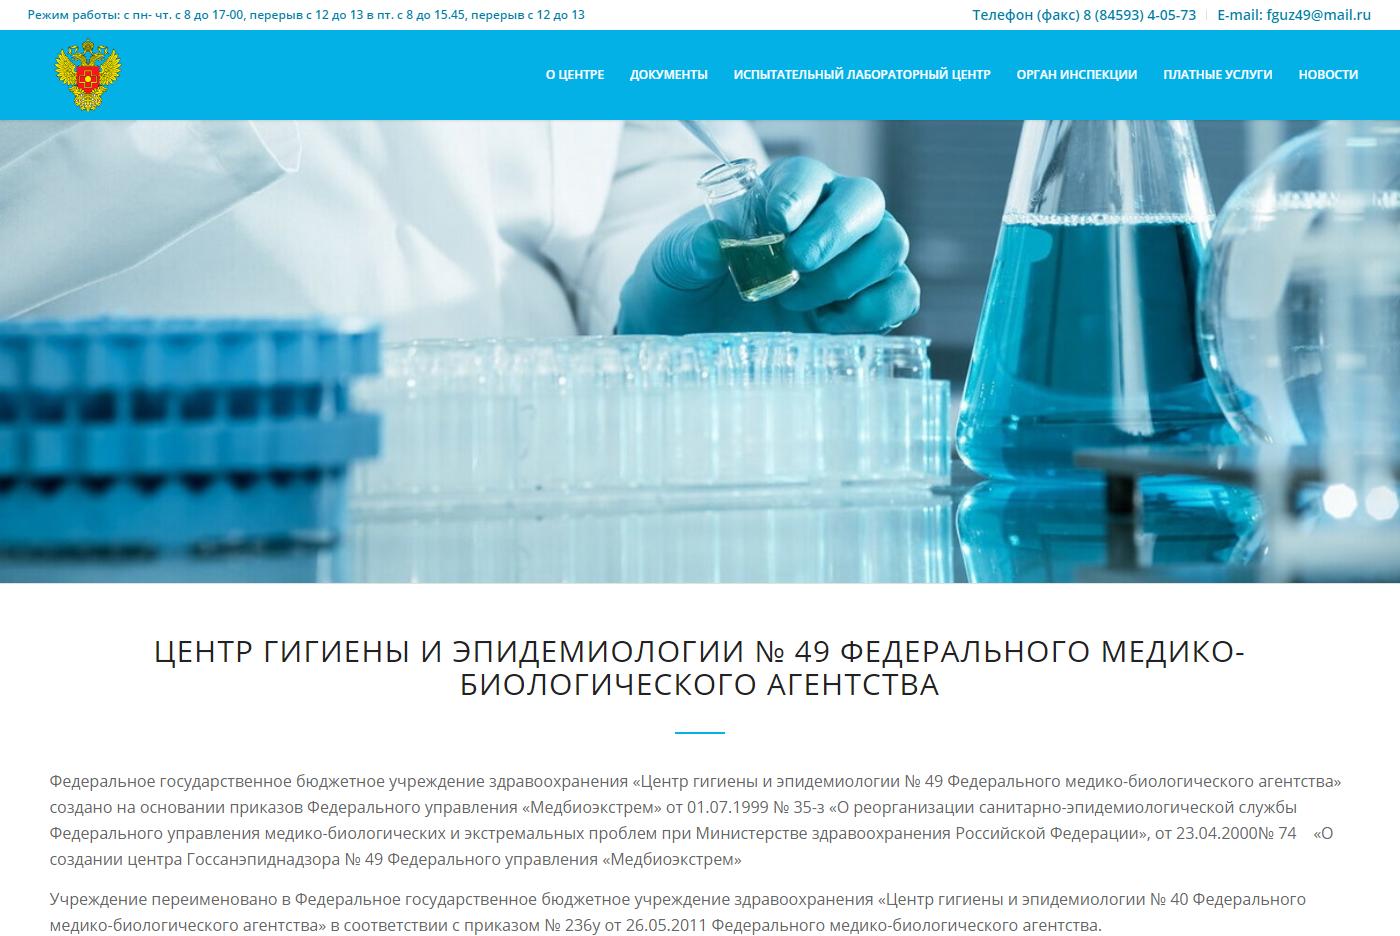 Центр гигиены и эпидемиологии №49